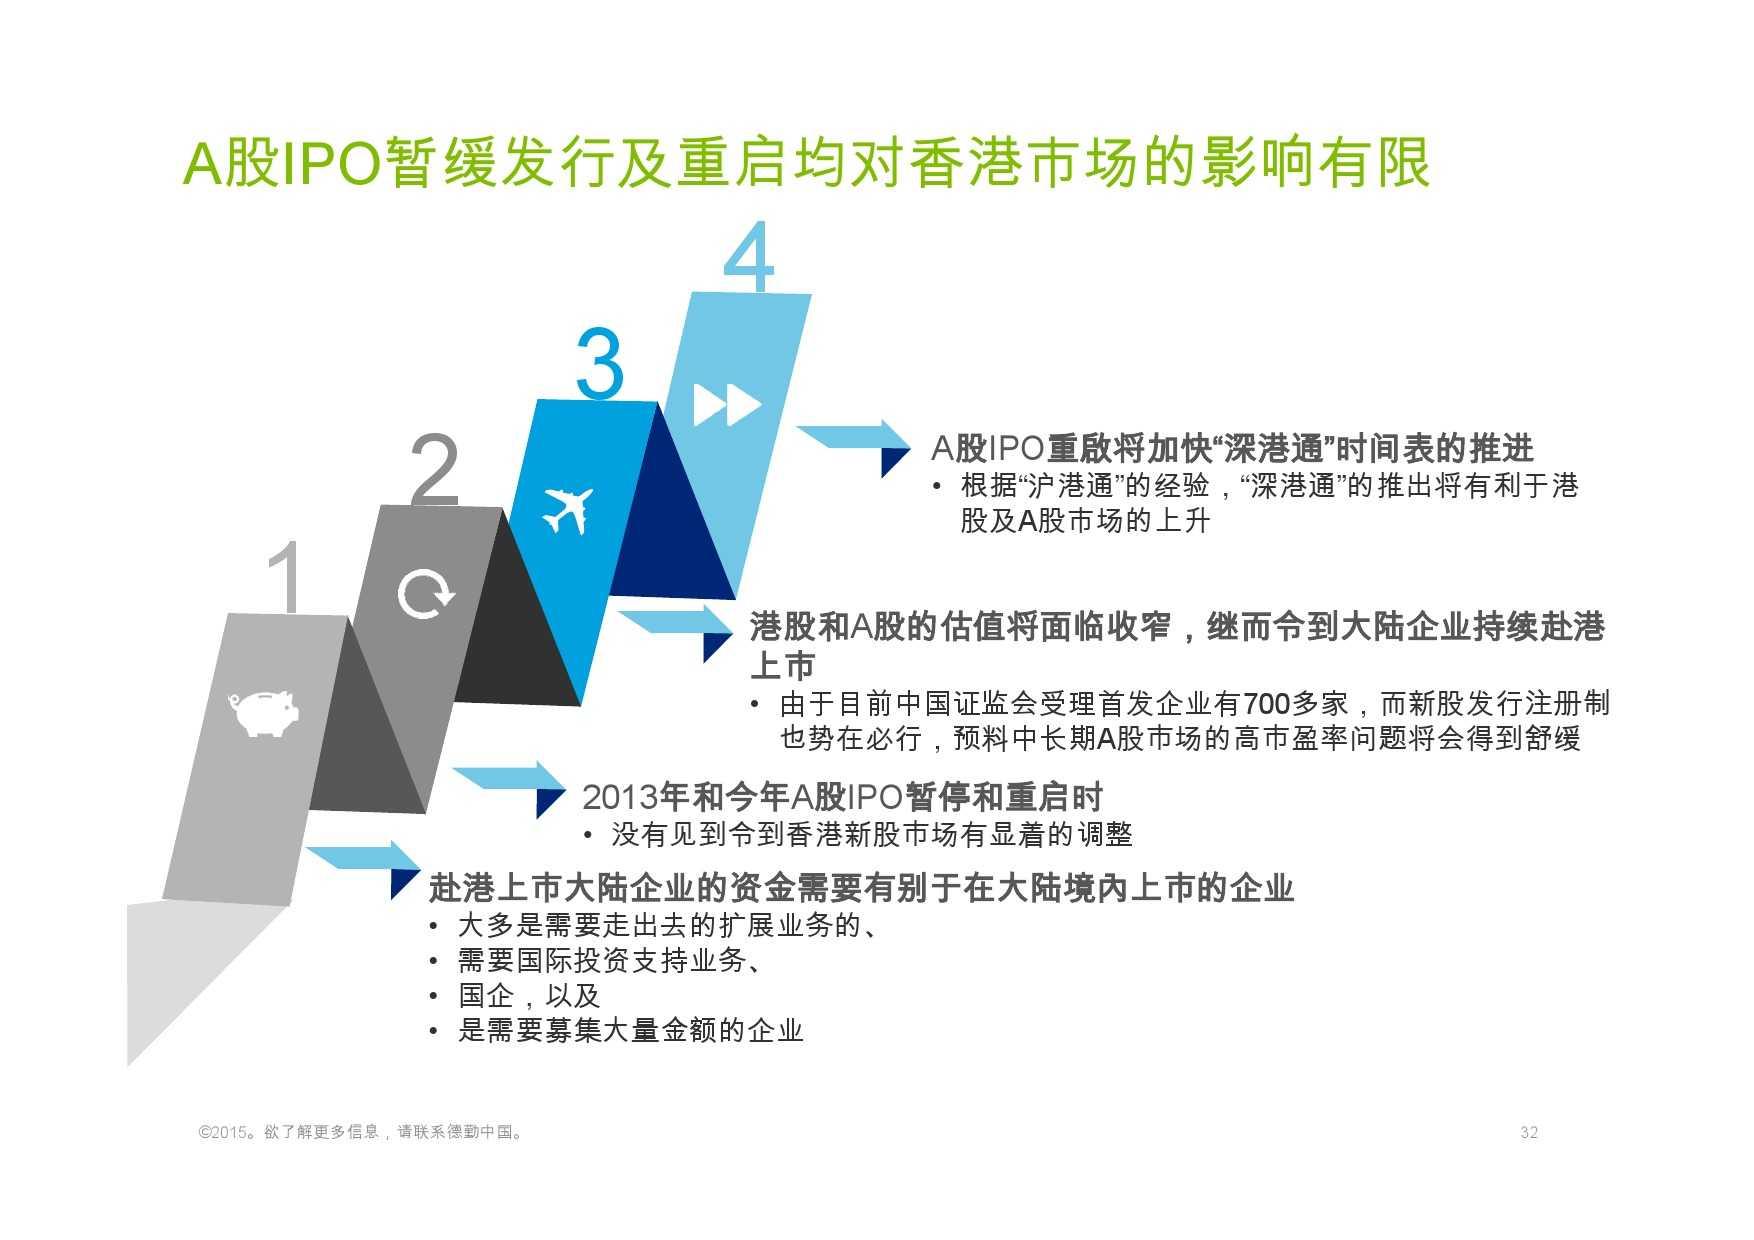 德勤:香港及中国大陆IPO巿场2015年回顾与2016年展望_000032